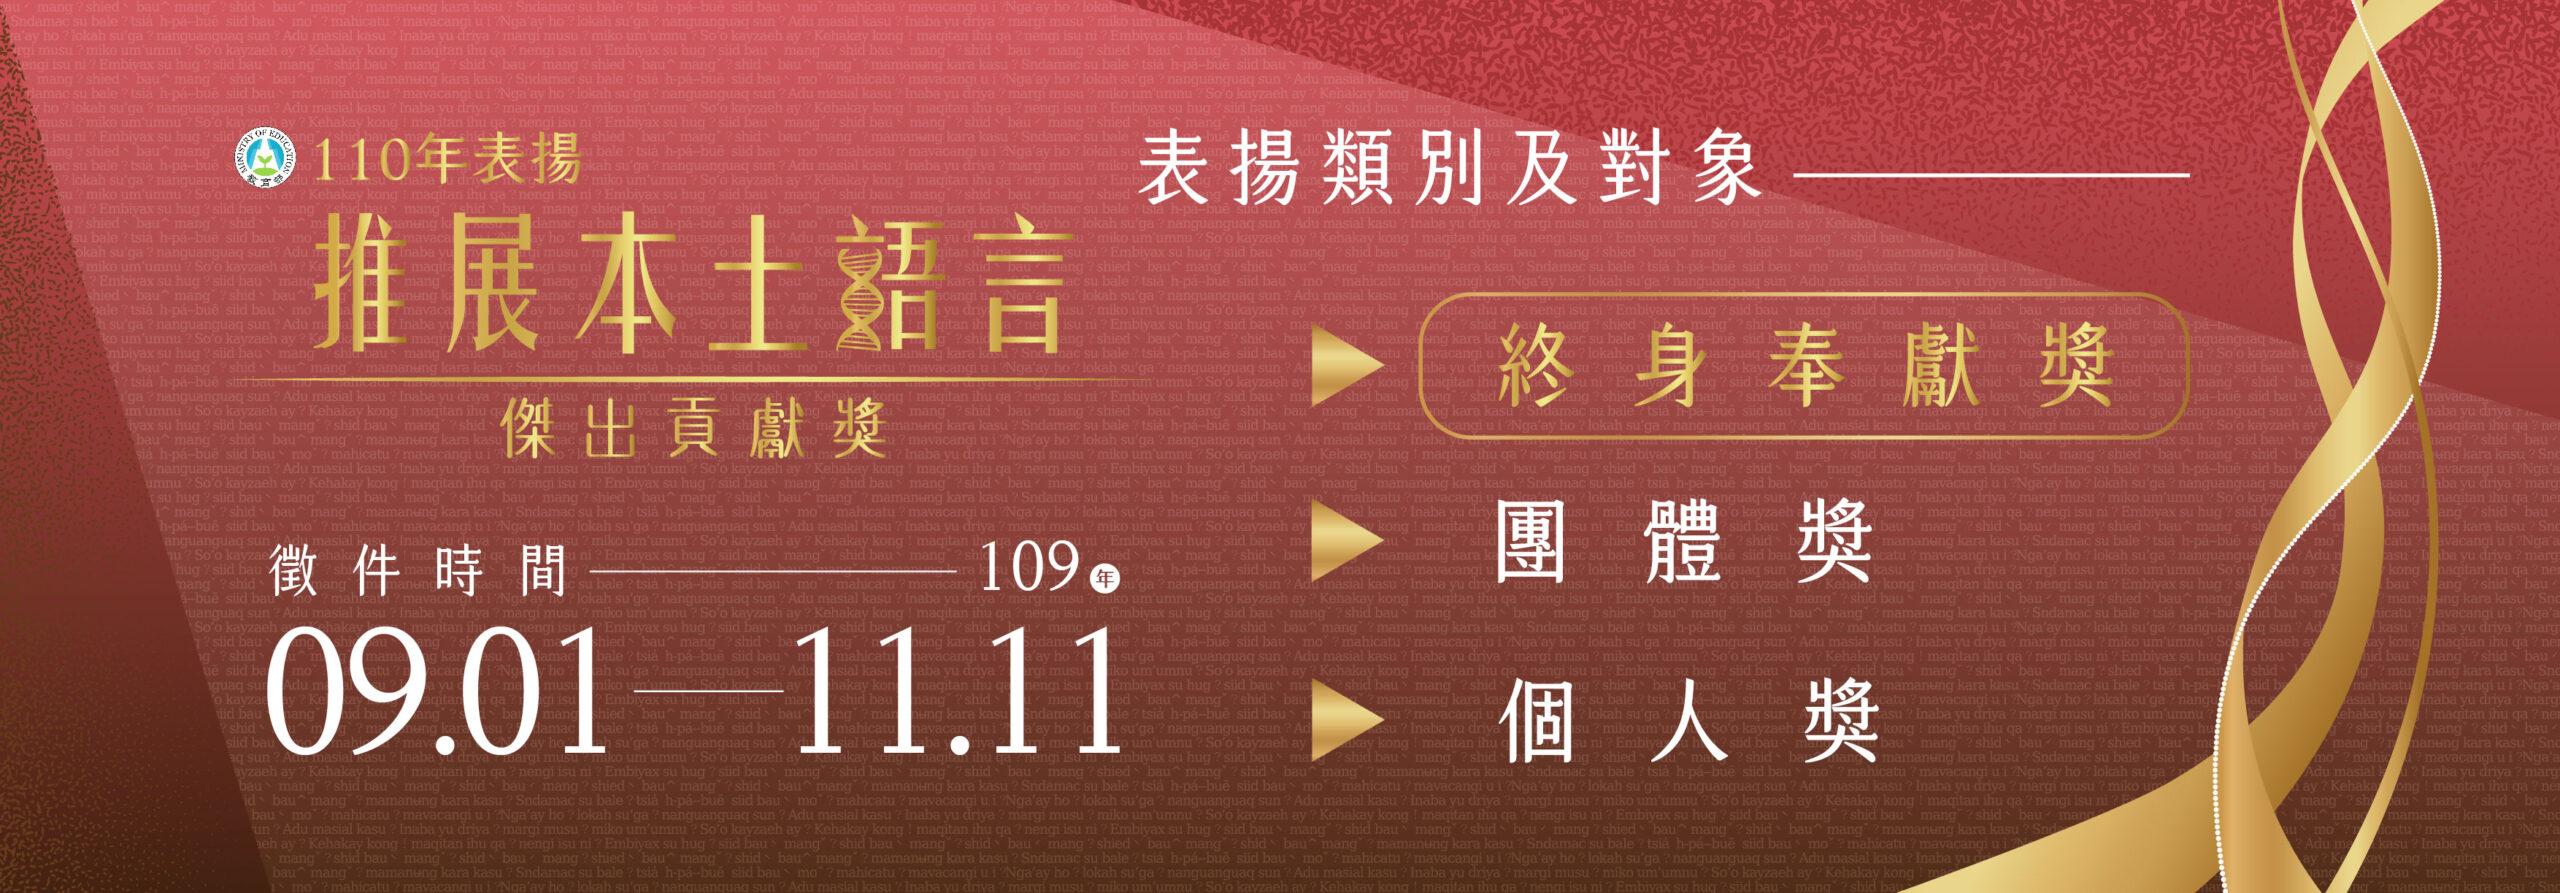 教育部「110年表揚推展本土語言傑出貢獻獎」徵件截止日展延至109年11月11日(星期三)止。